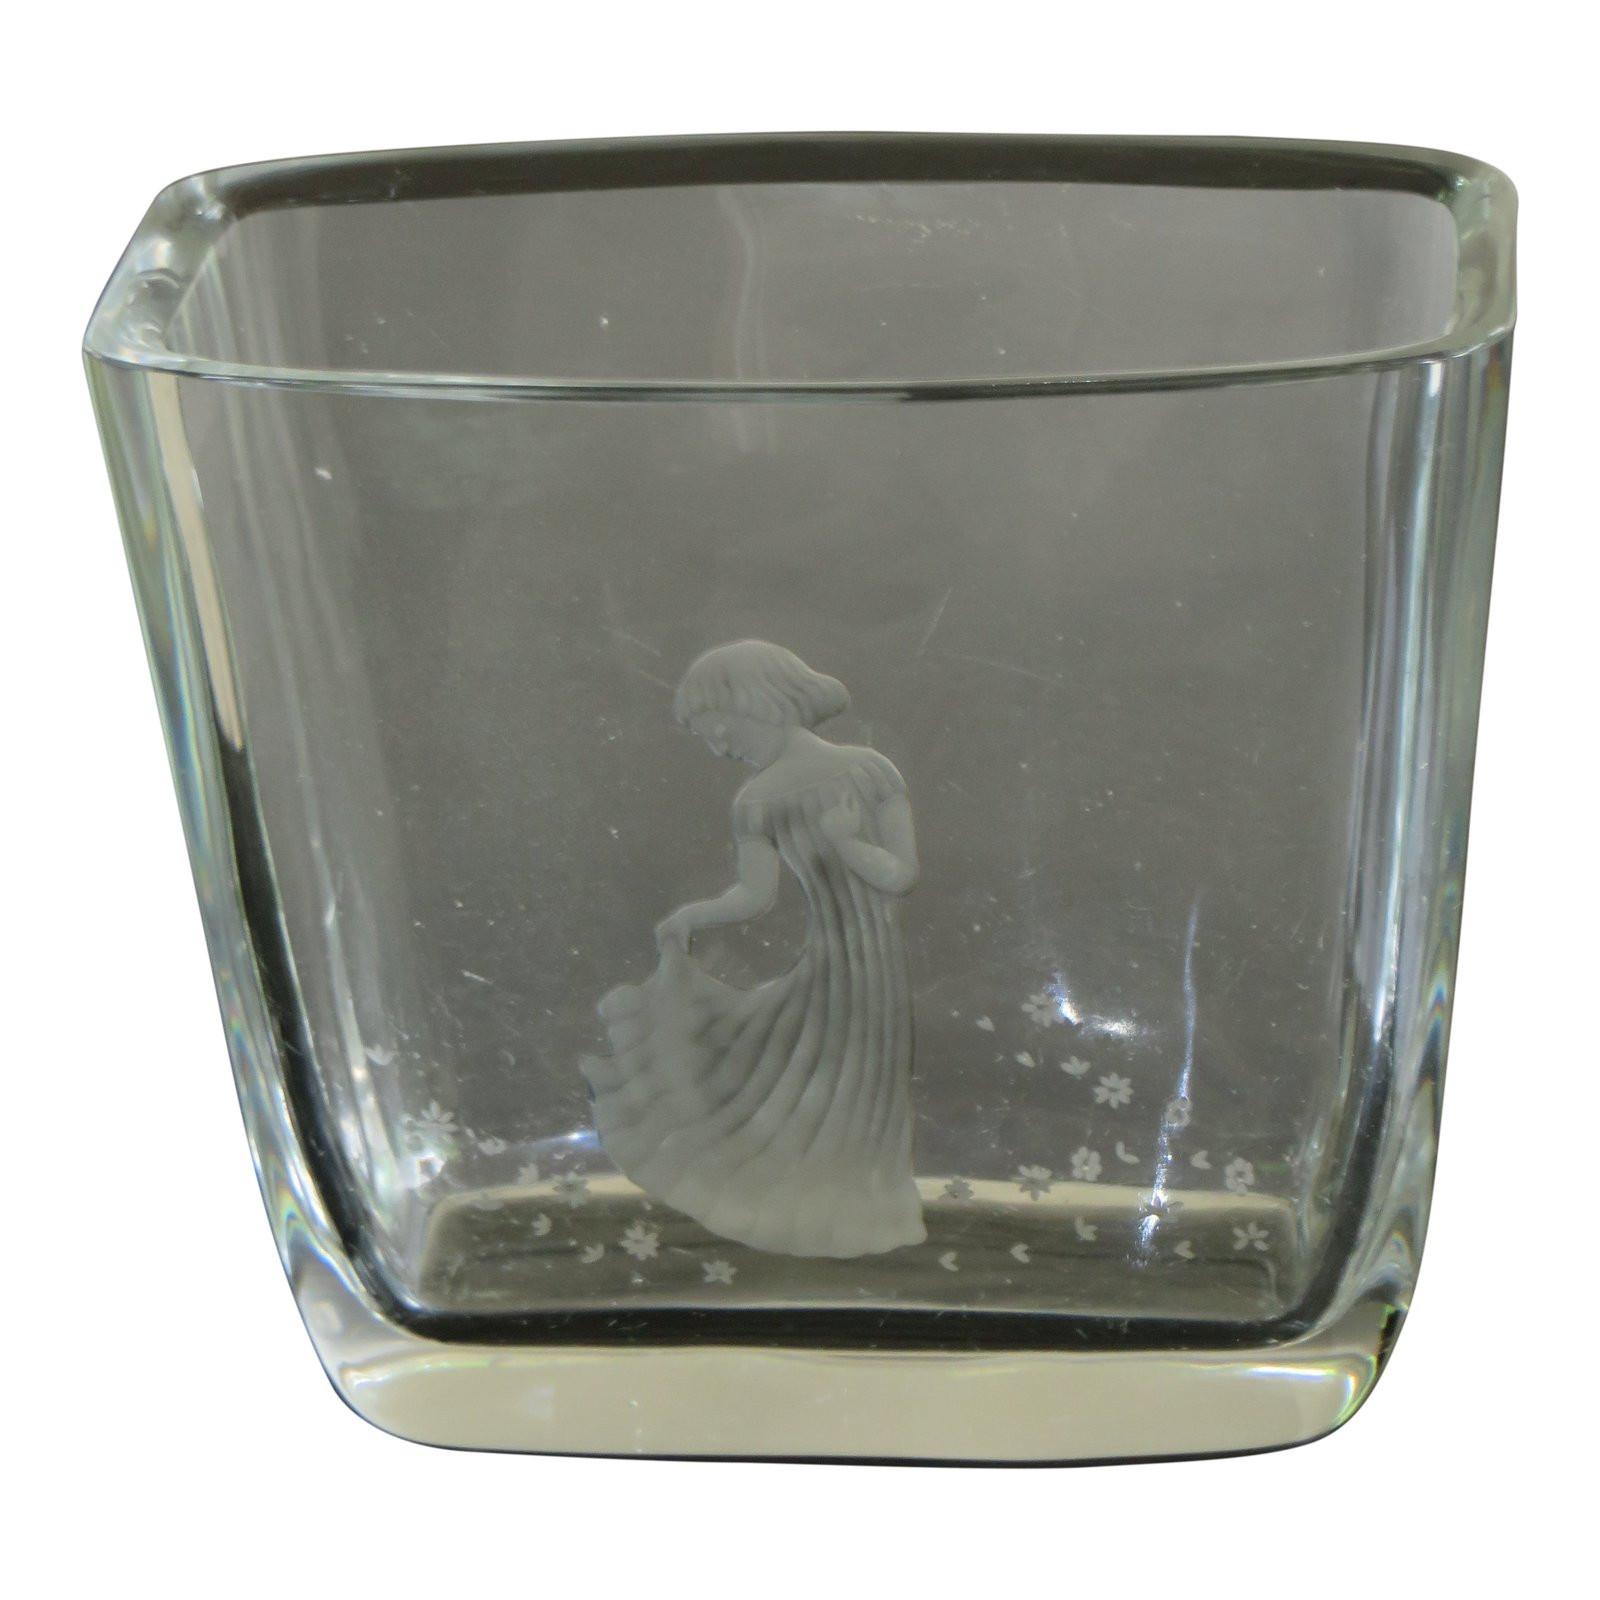 vintage orrefors crystal vase of vintage orrefors art glass vase with etched girl and flowers chairish in vintage orrefors art glass vase with etched girl and flowers 2257